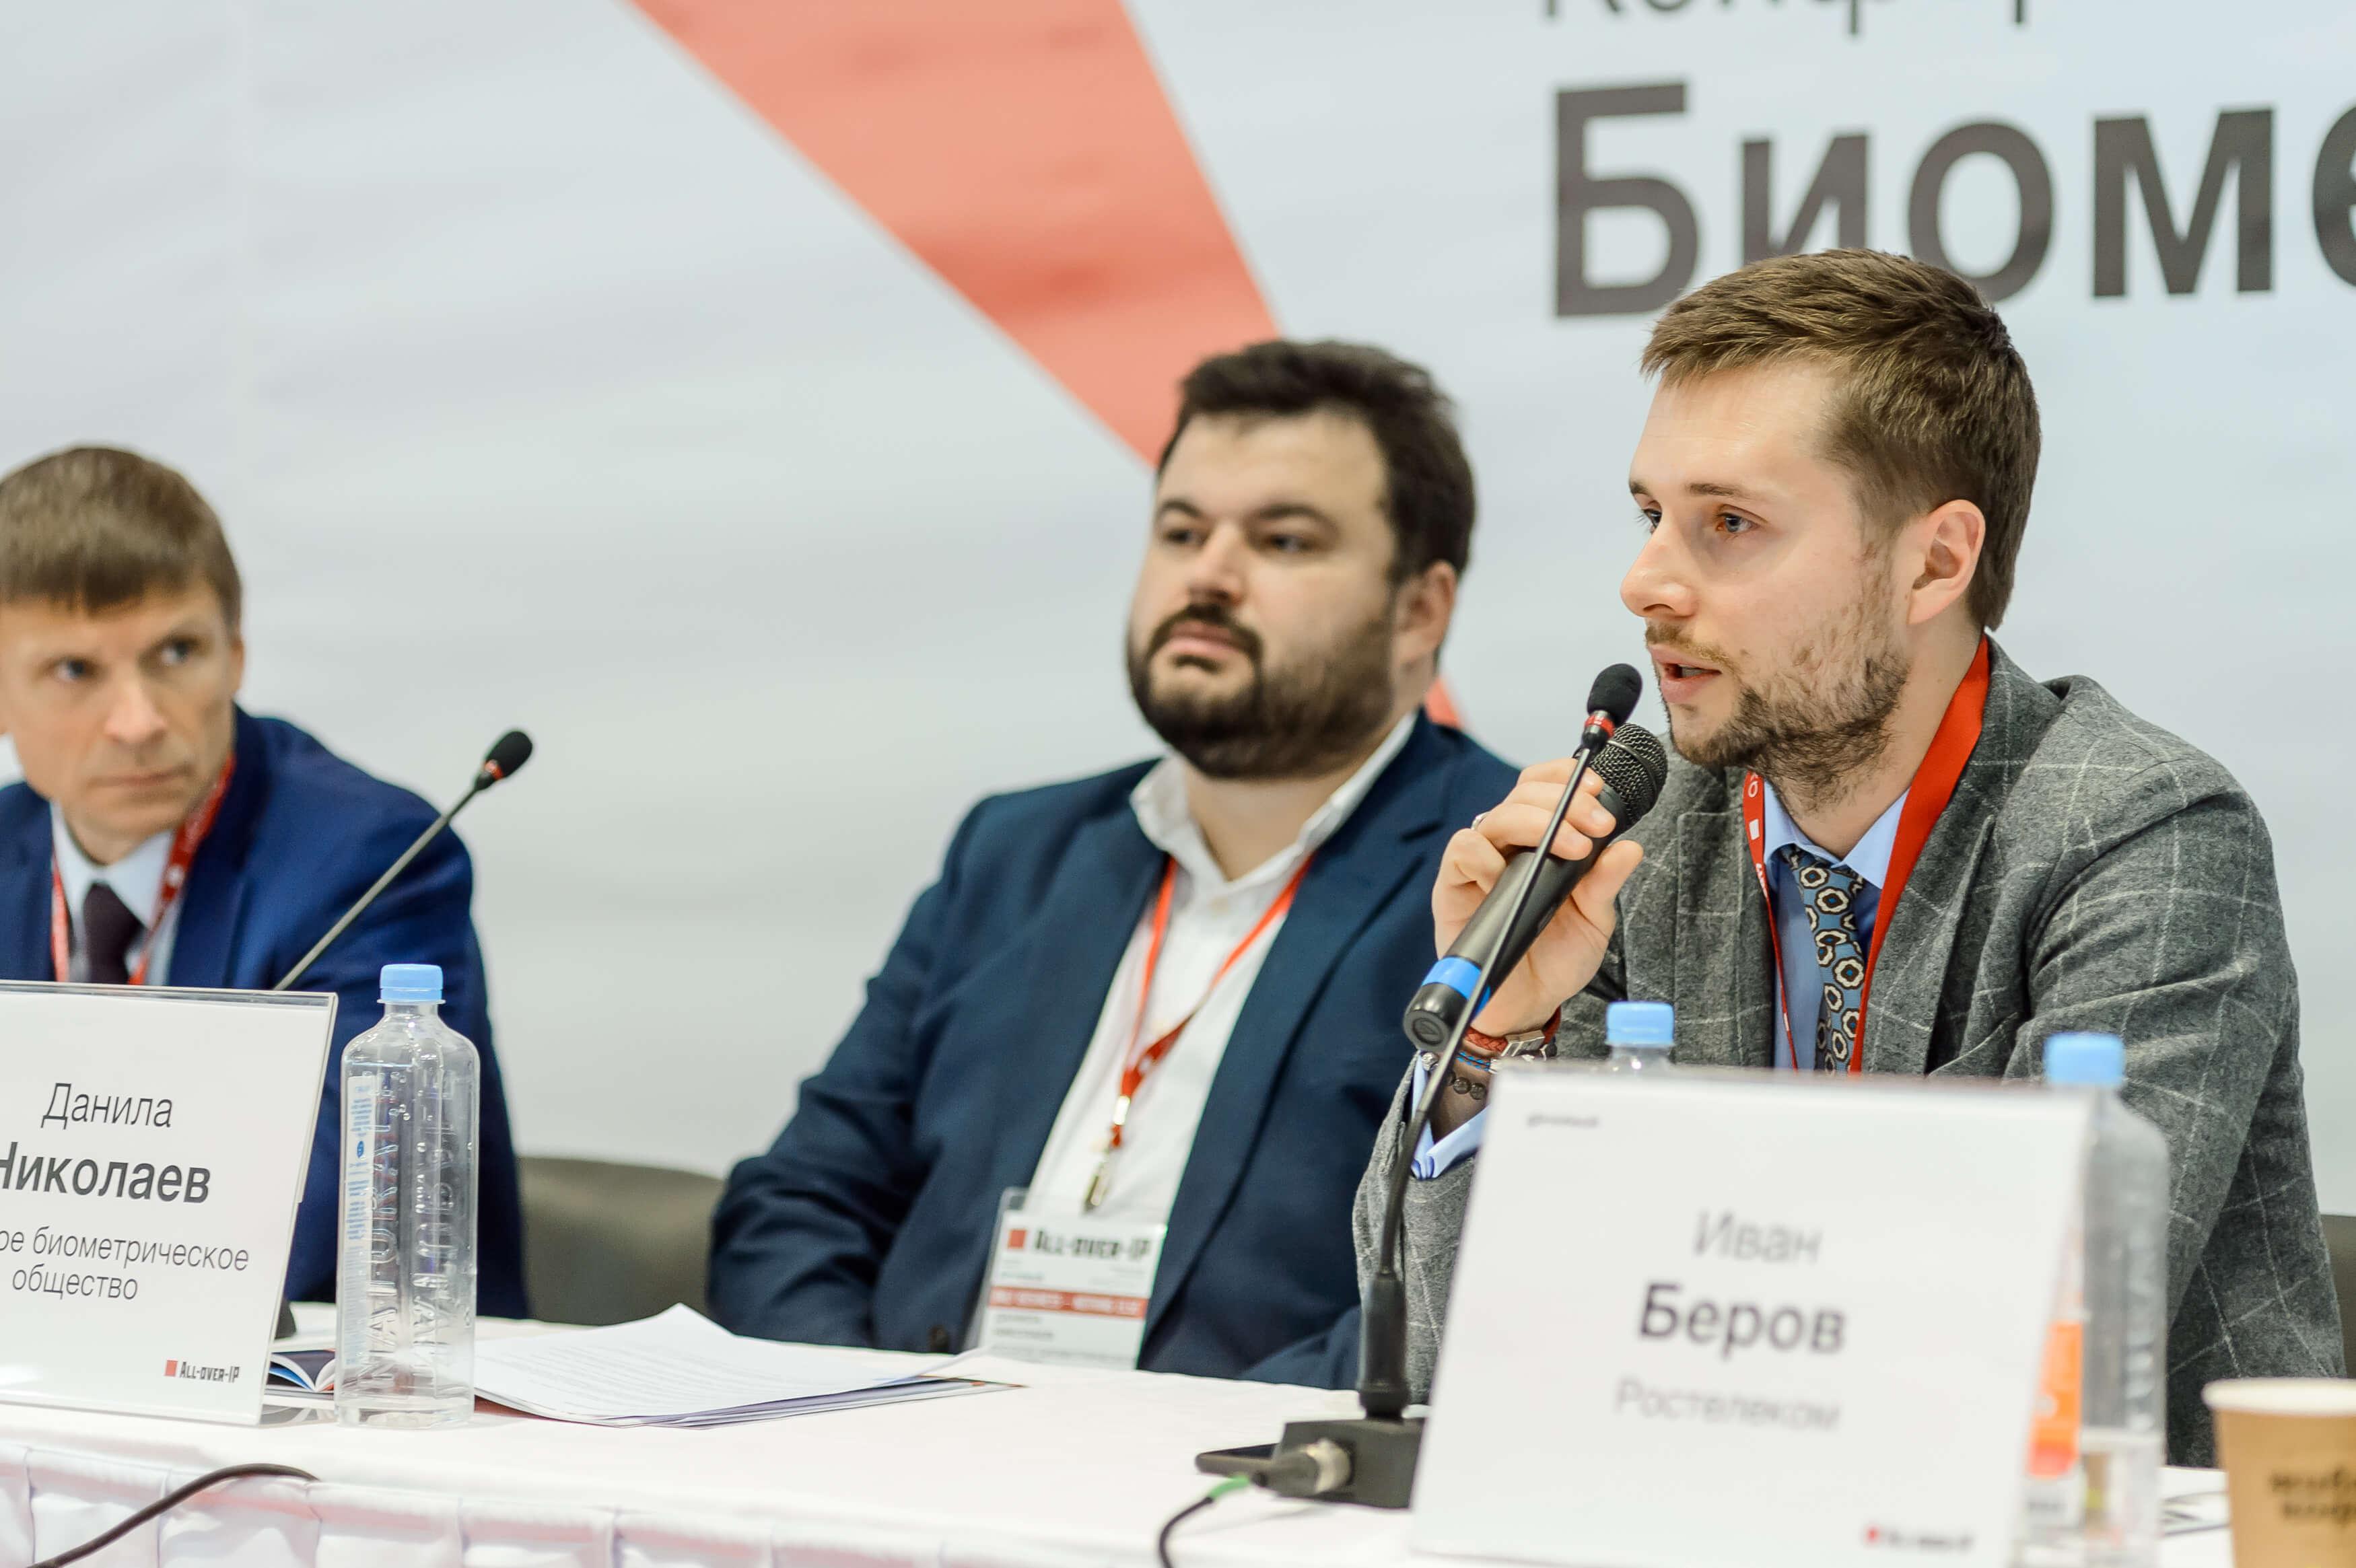 Технологический бум на Биометрическом конгрессе 23 ноября